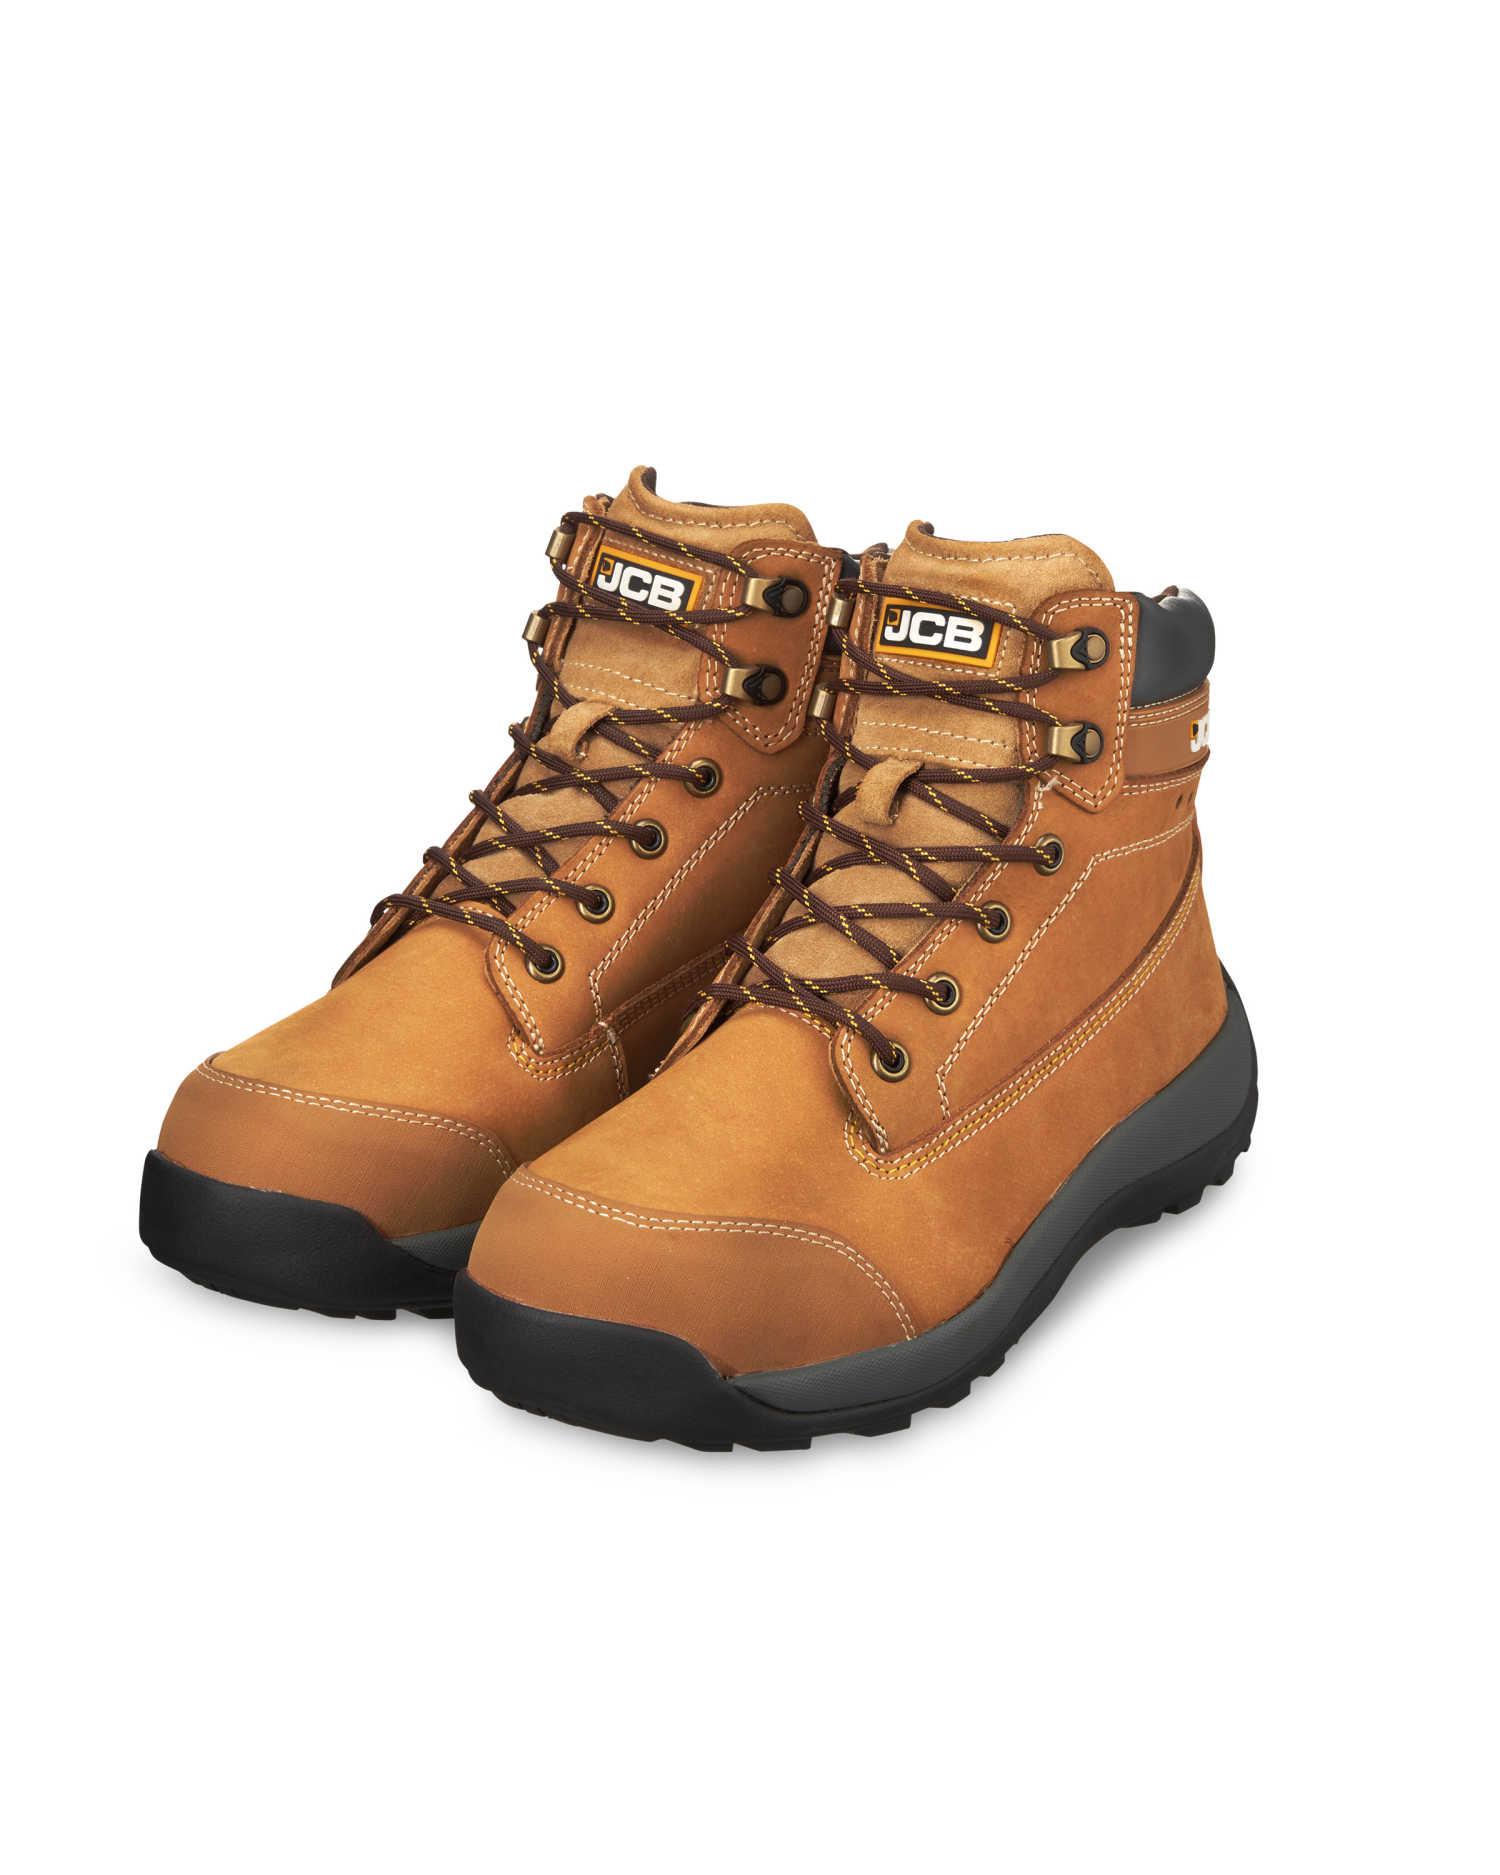 JCB Workwear safety boots £32.94 delivered @ Aldi